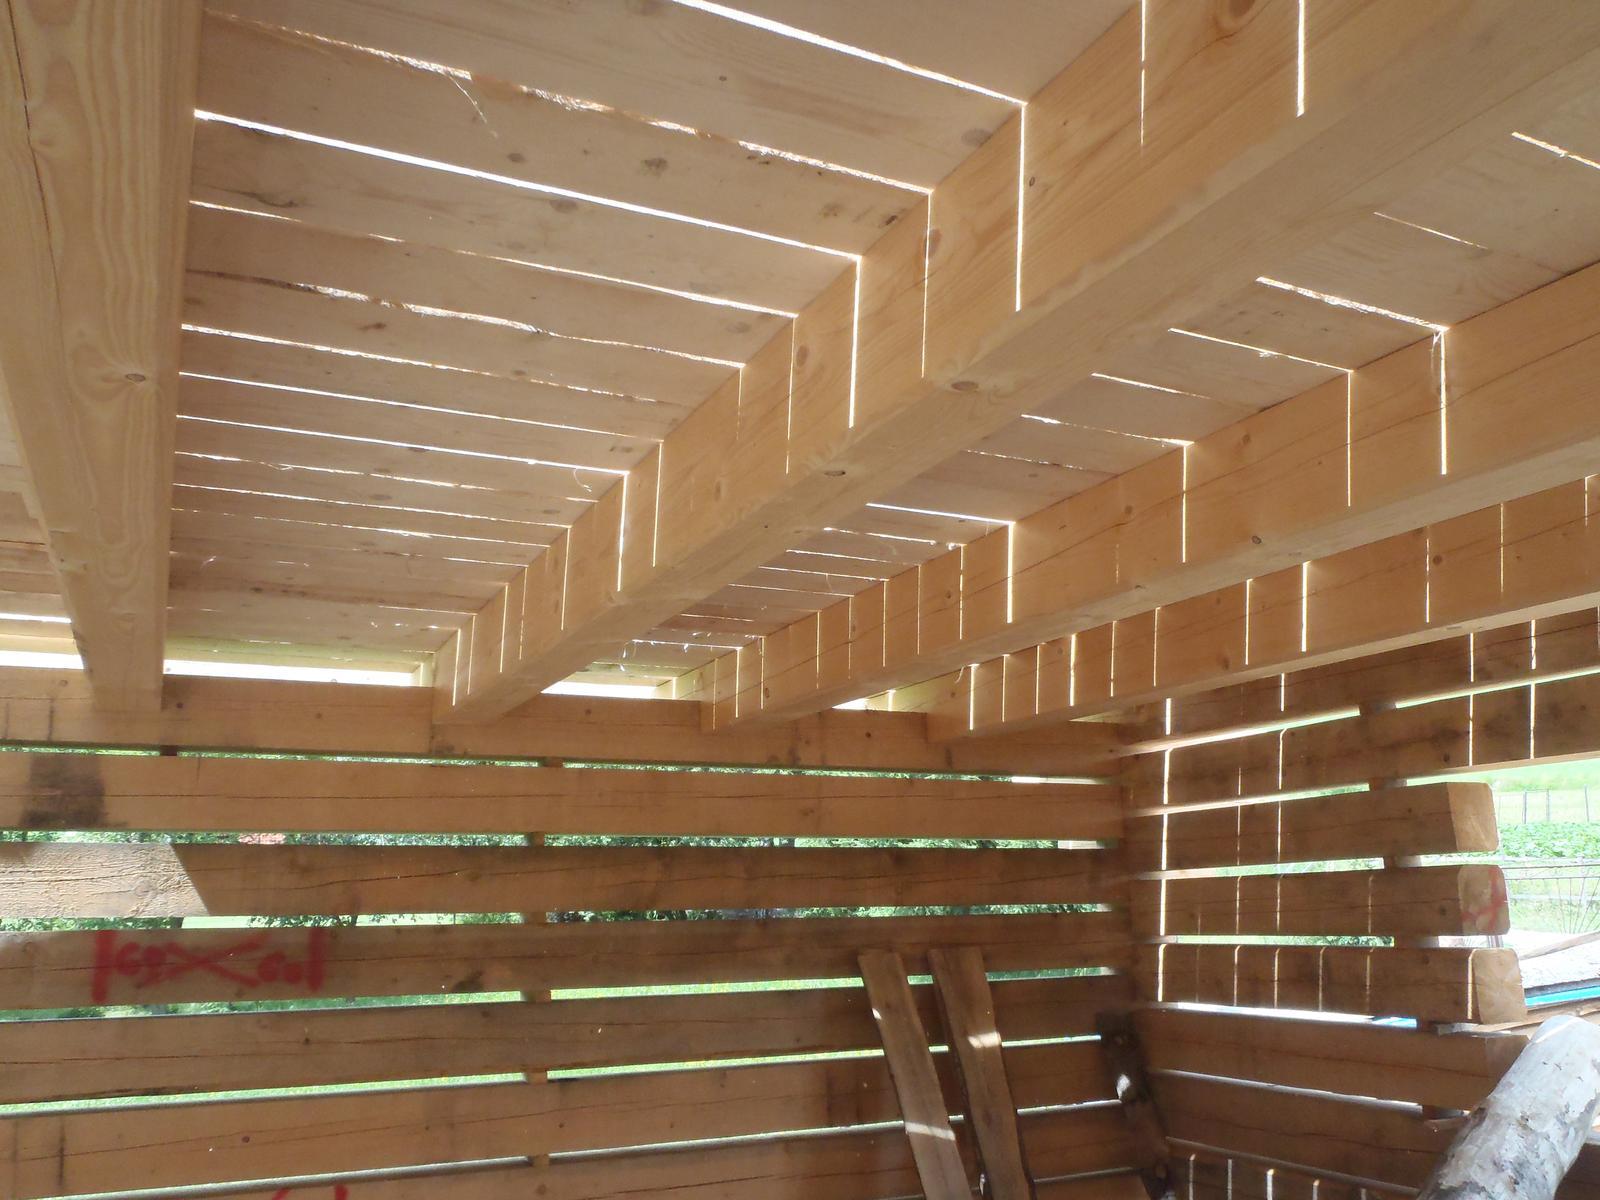 Náš veľký sen o drevenom domčeku! - Obrázok č. 98